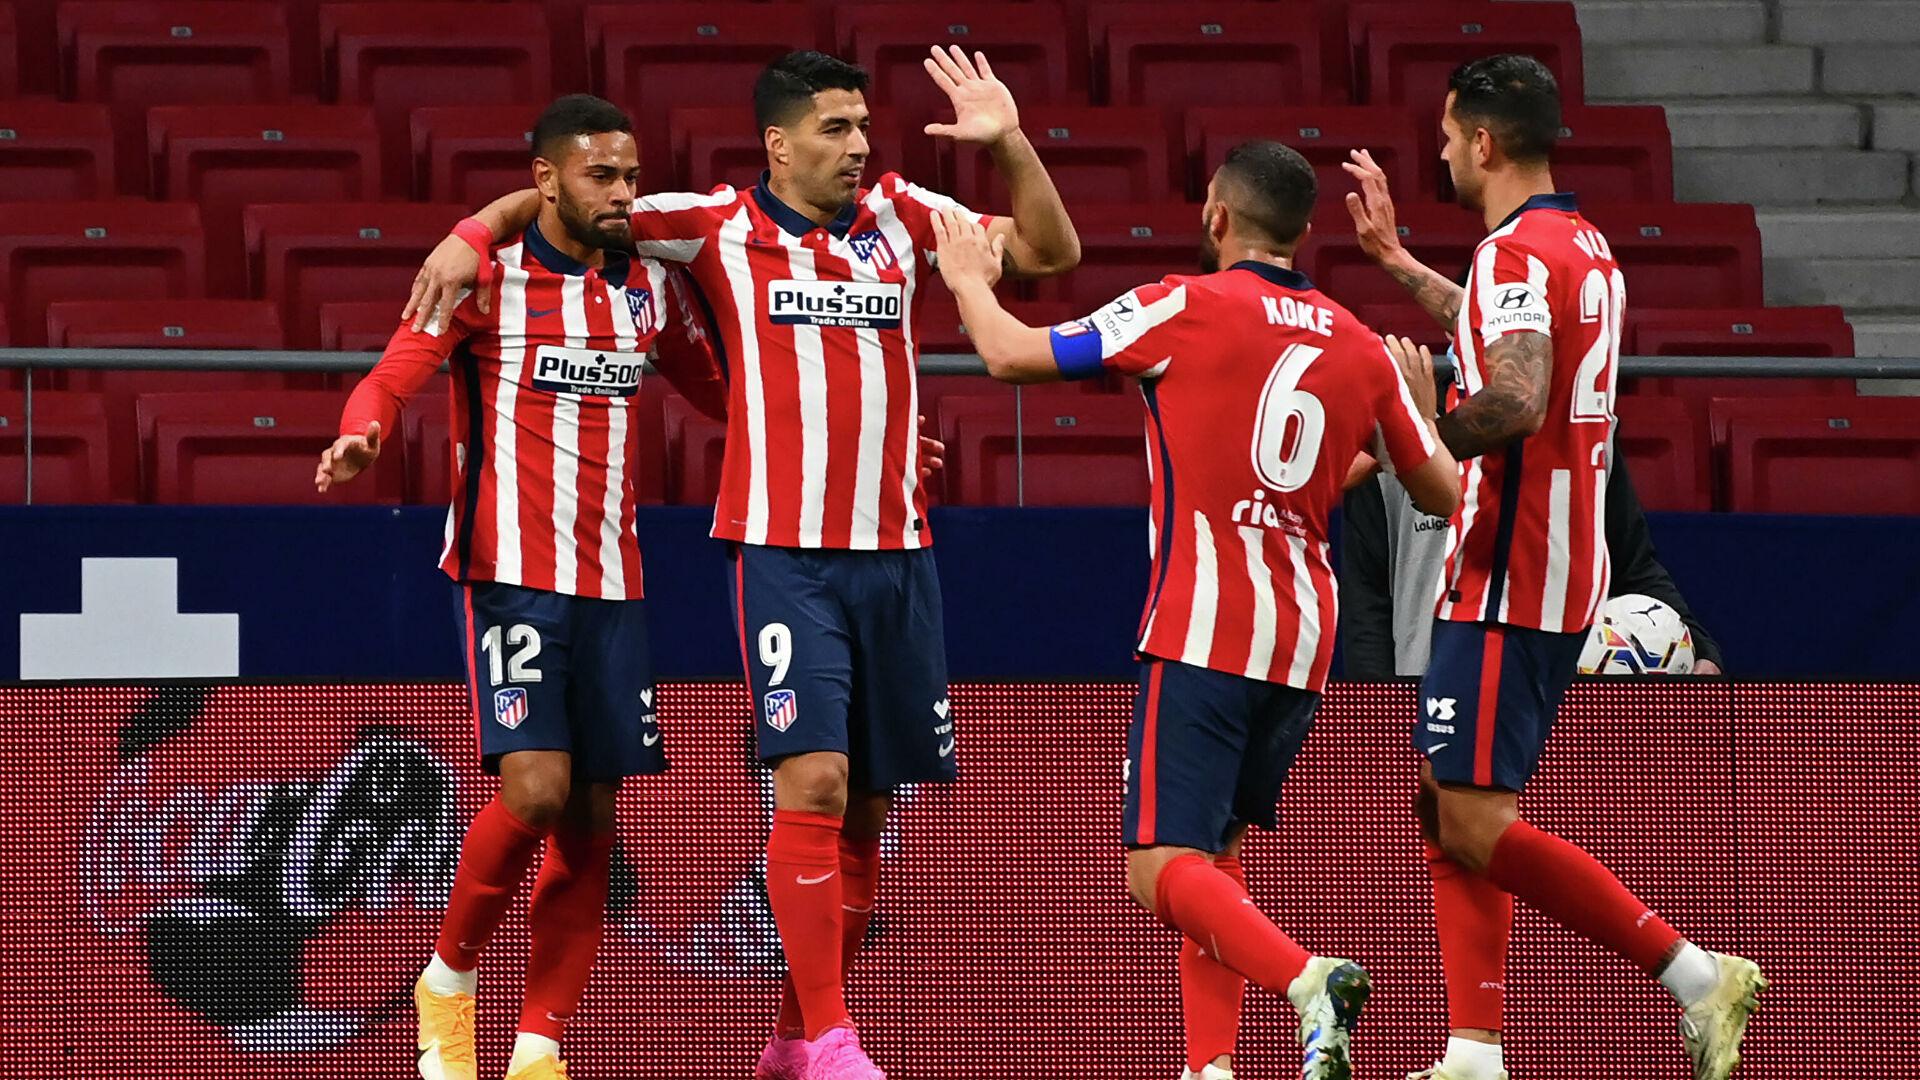 Валенсия – Атлетико. Прогноз на матч 28.11.2020